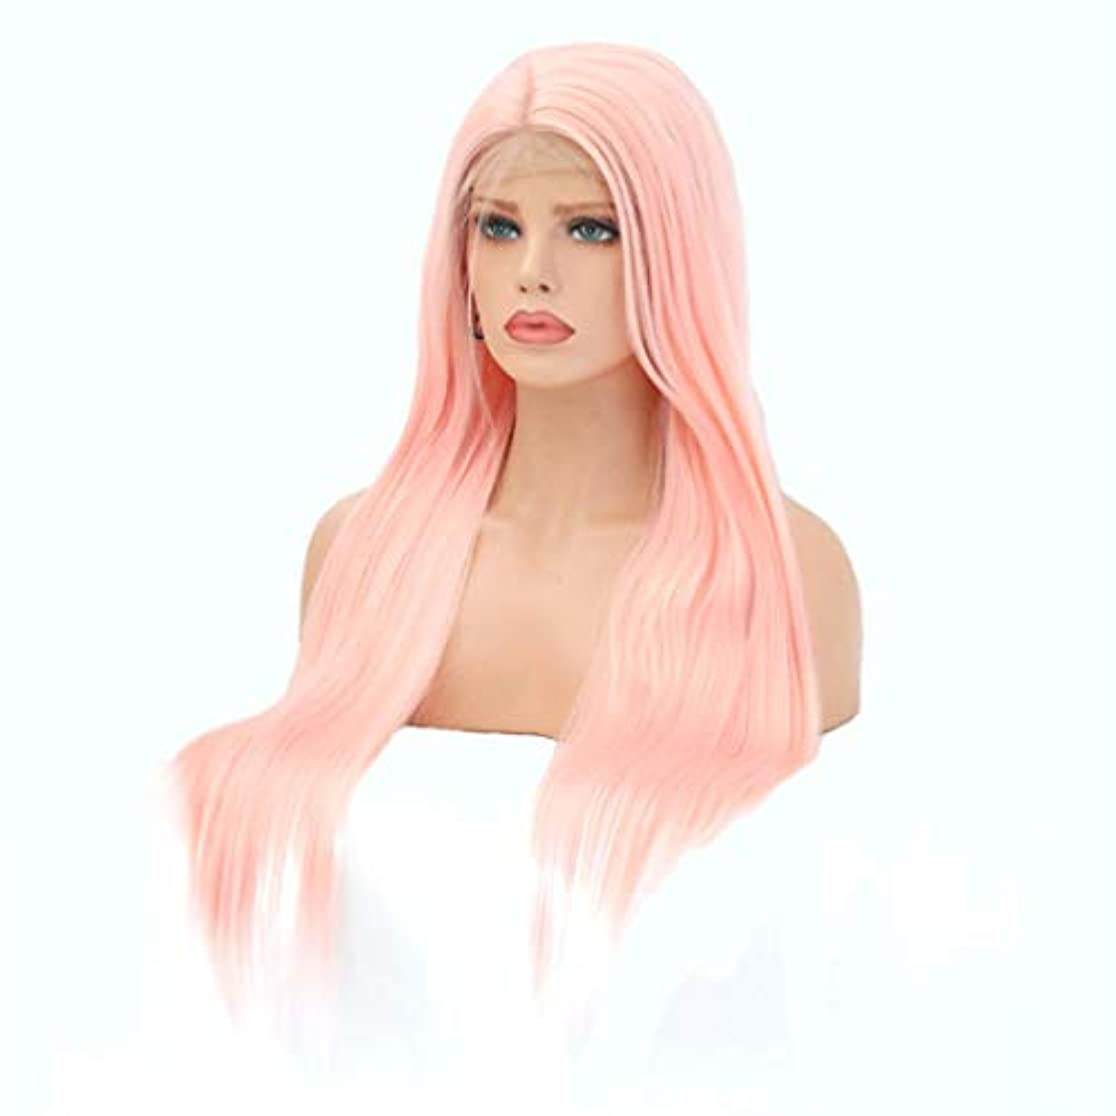 アプトマークされた覗くKerwinner 女性のためのフロントレースウィッグピンクの長いストレートの髪の化学繊維ウィッグヘッドギア